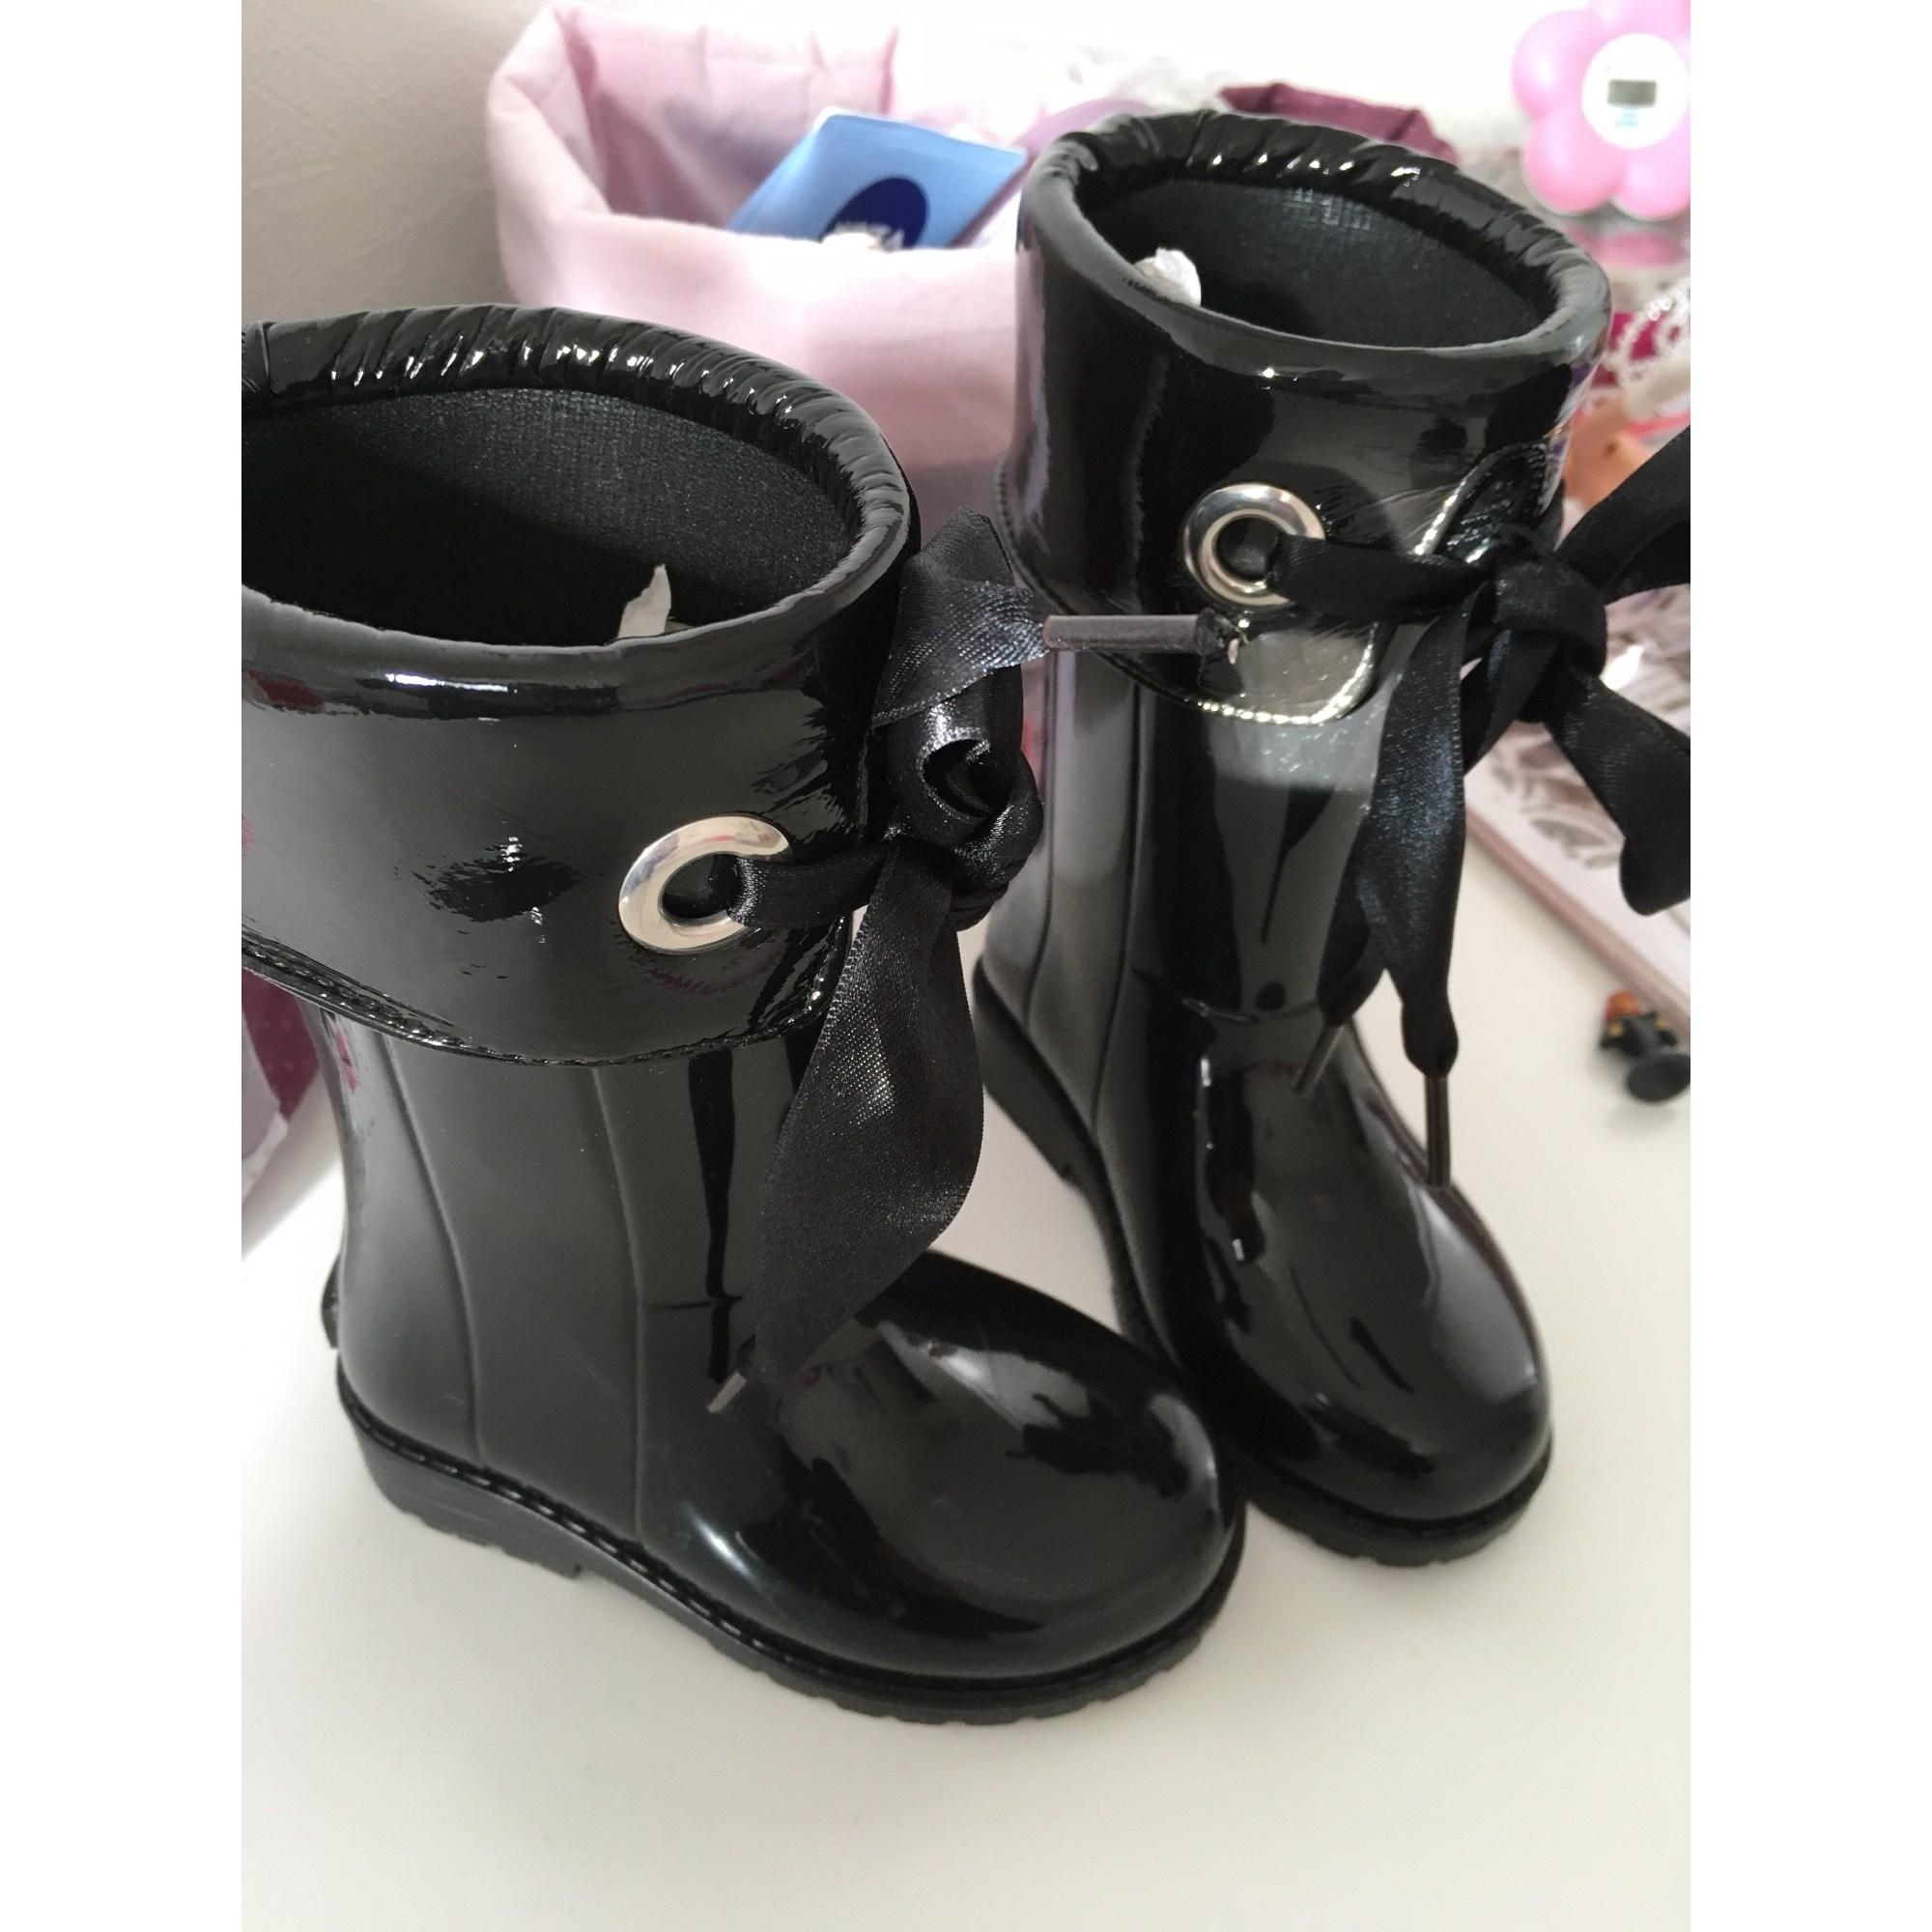 Bottes de pluie CHICCO caoutchouc noir 22